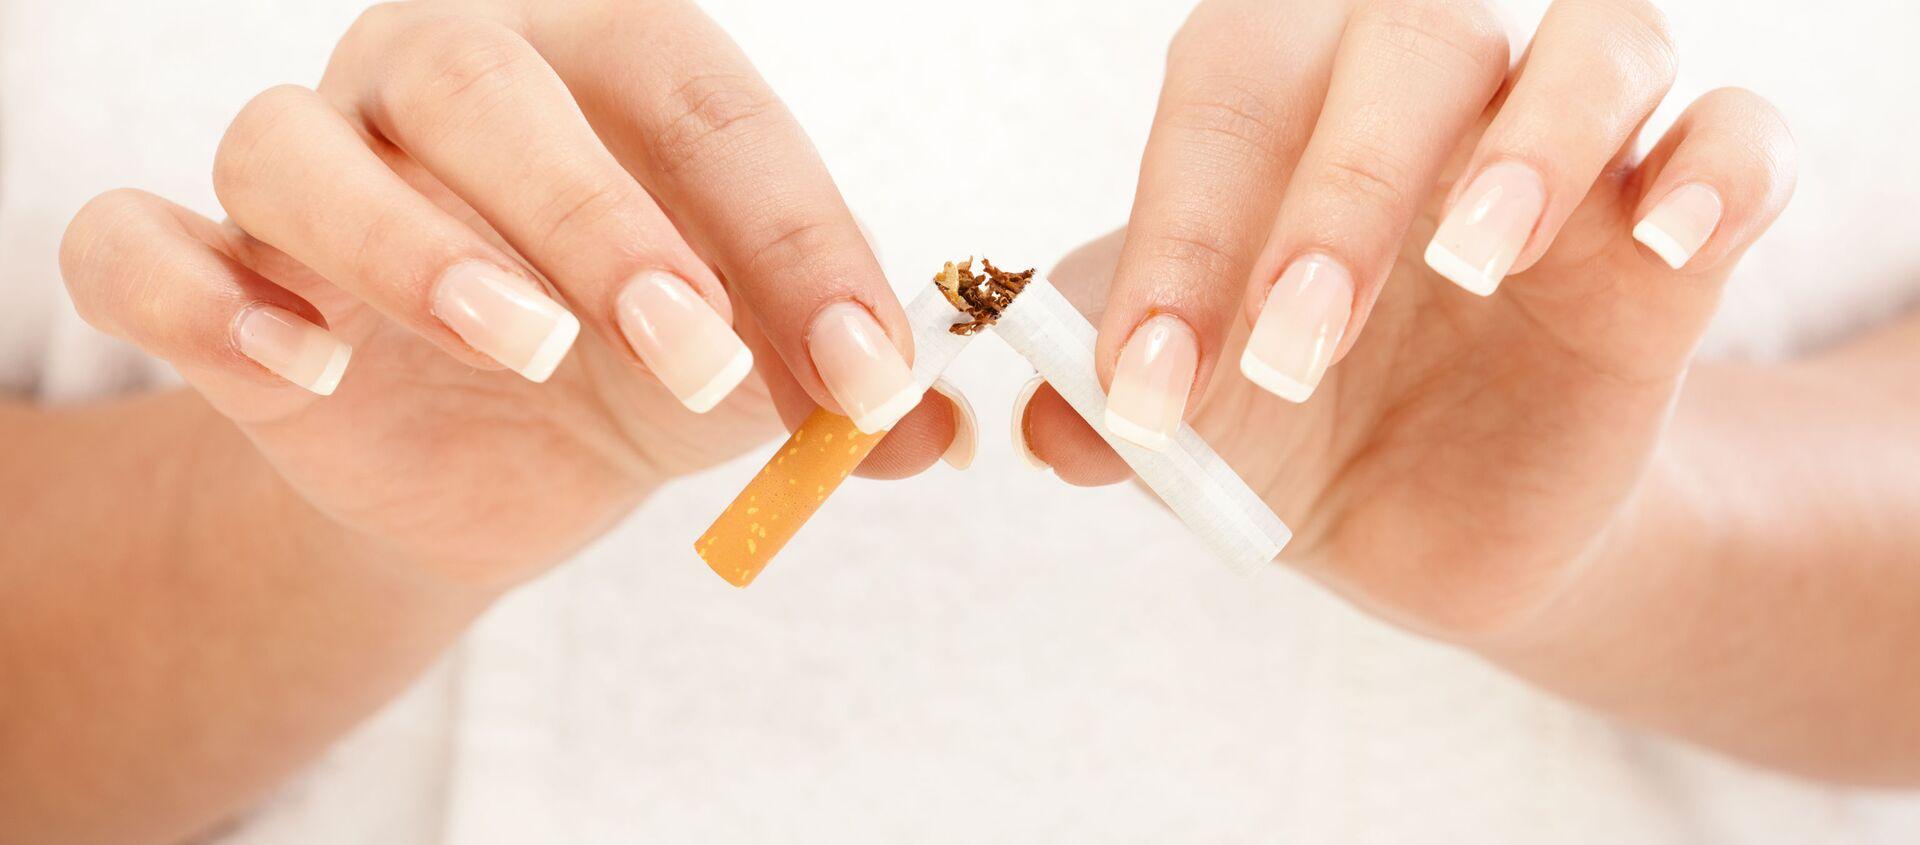 喫煙 - Sputnik 日本, 1920, 19.11.2020